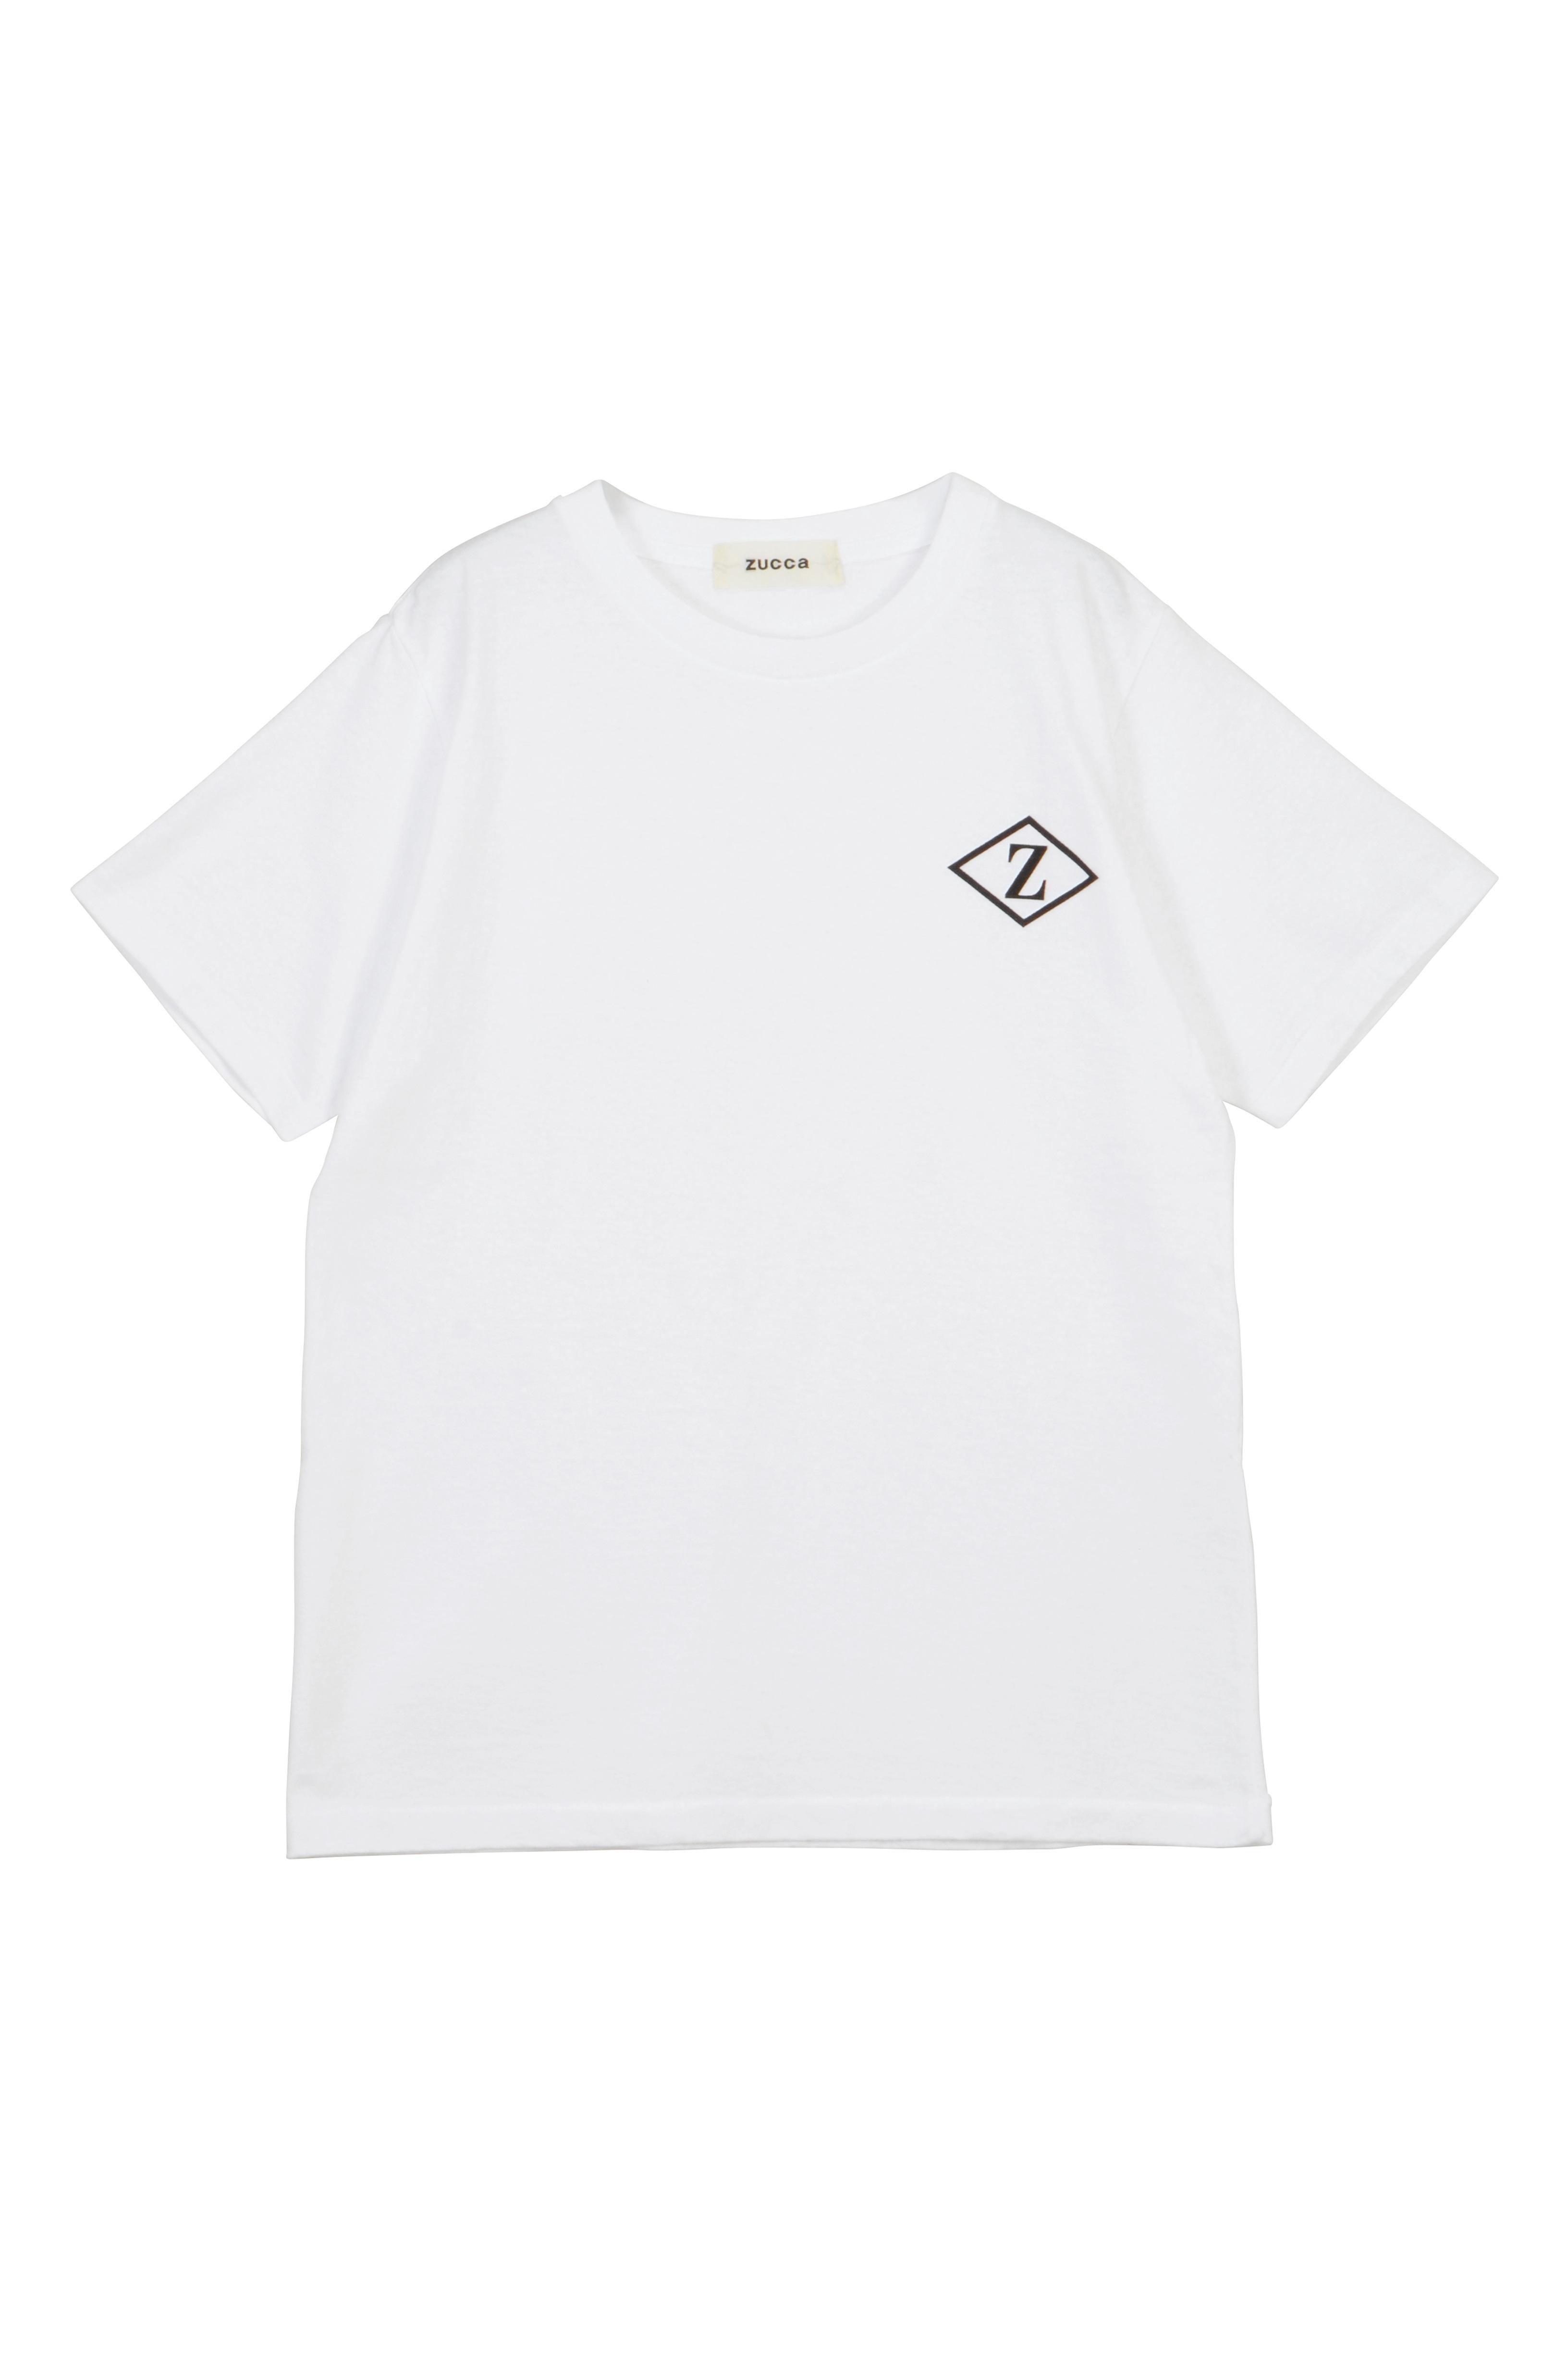 (30)Z_ICON Tシャツ / Tシャツ 白